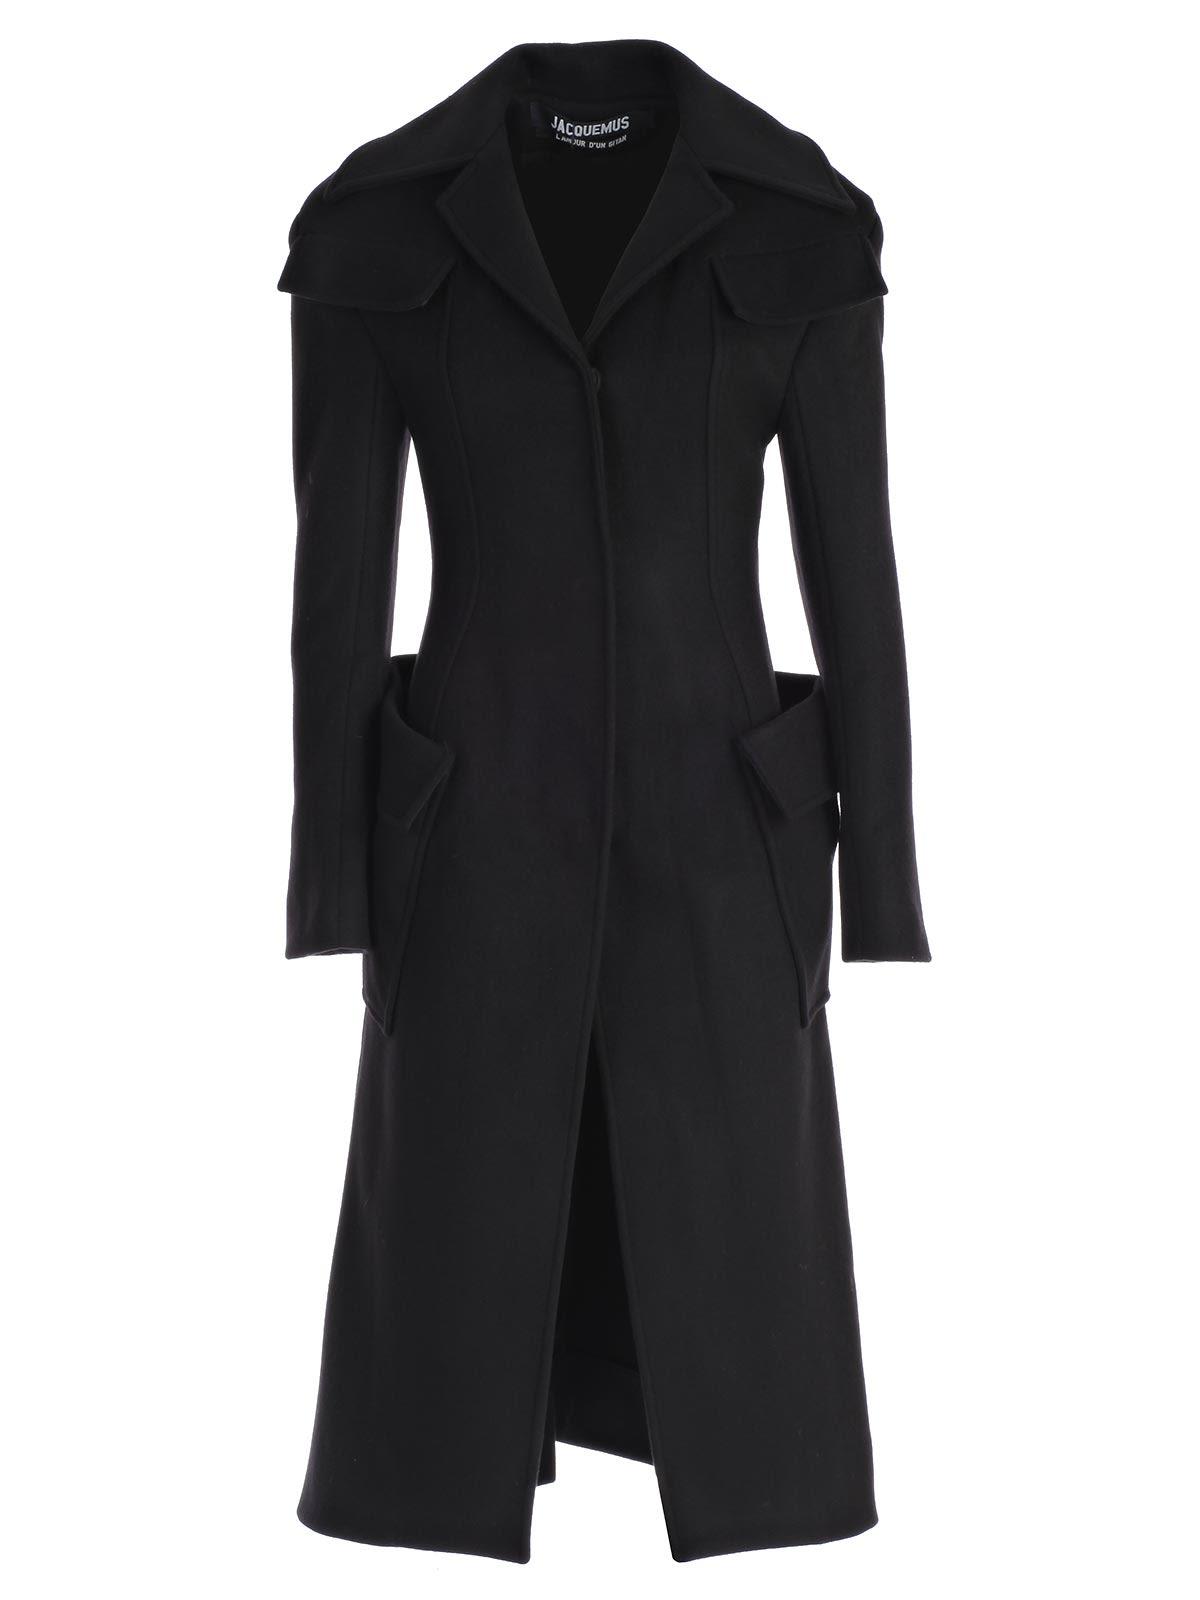 Jacquemus Coat